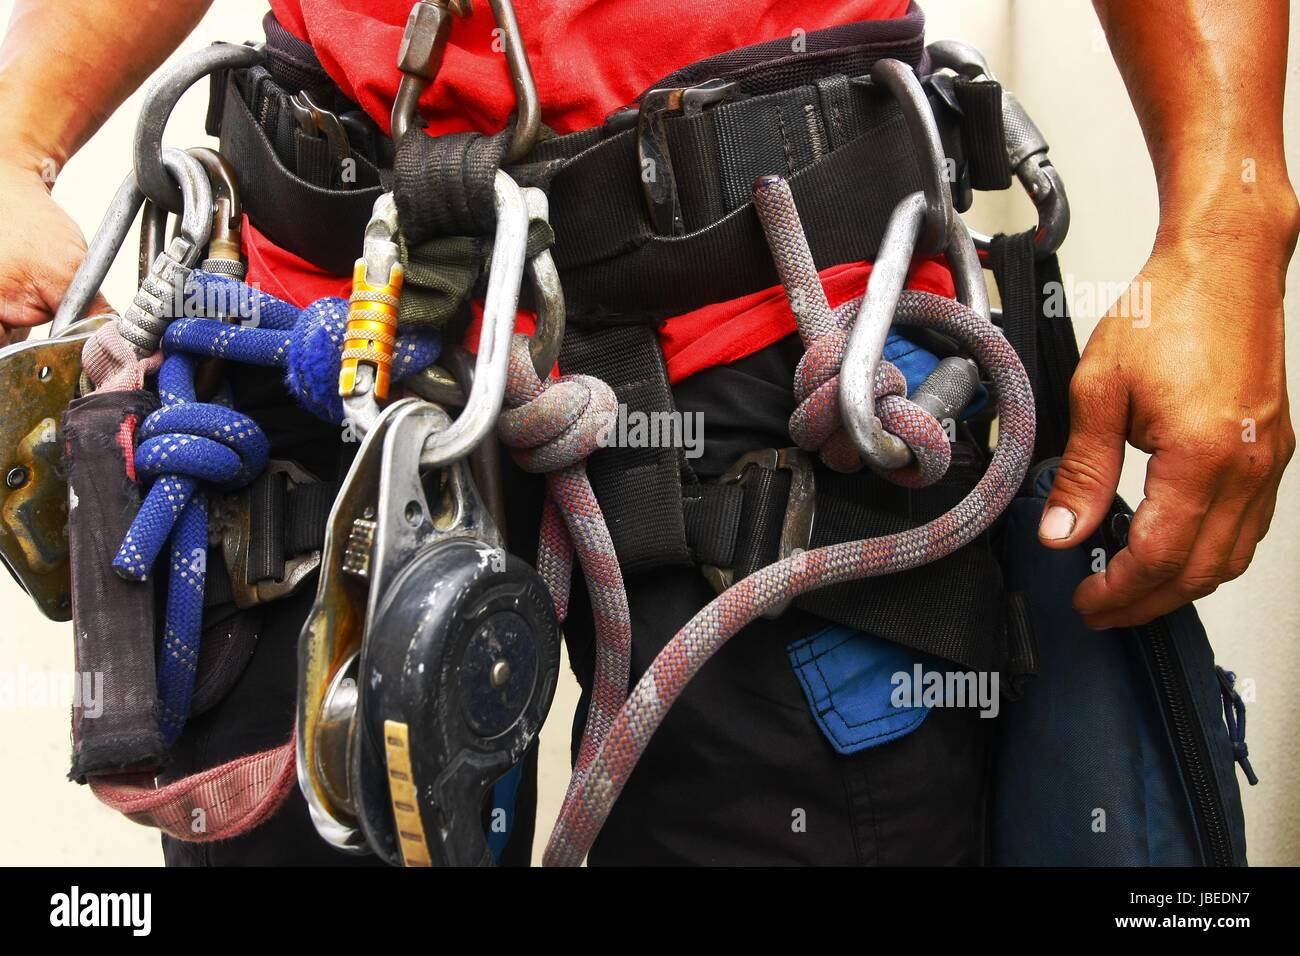 Klettergurt Taille : Foto von klettern ausrüstung und sicherheitsgurt um die taille